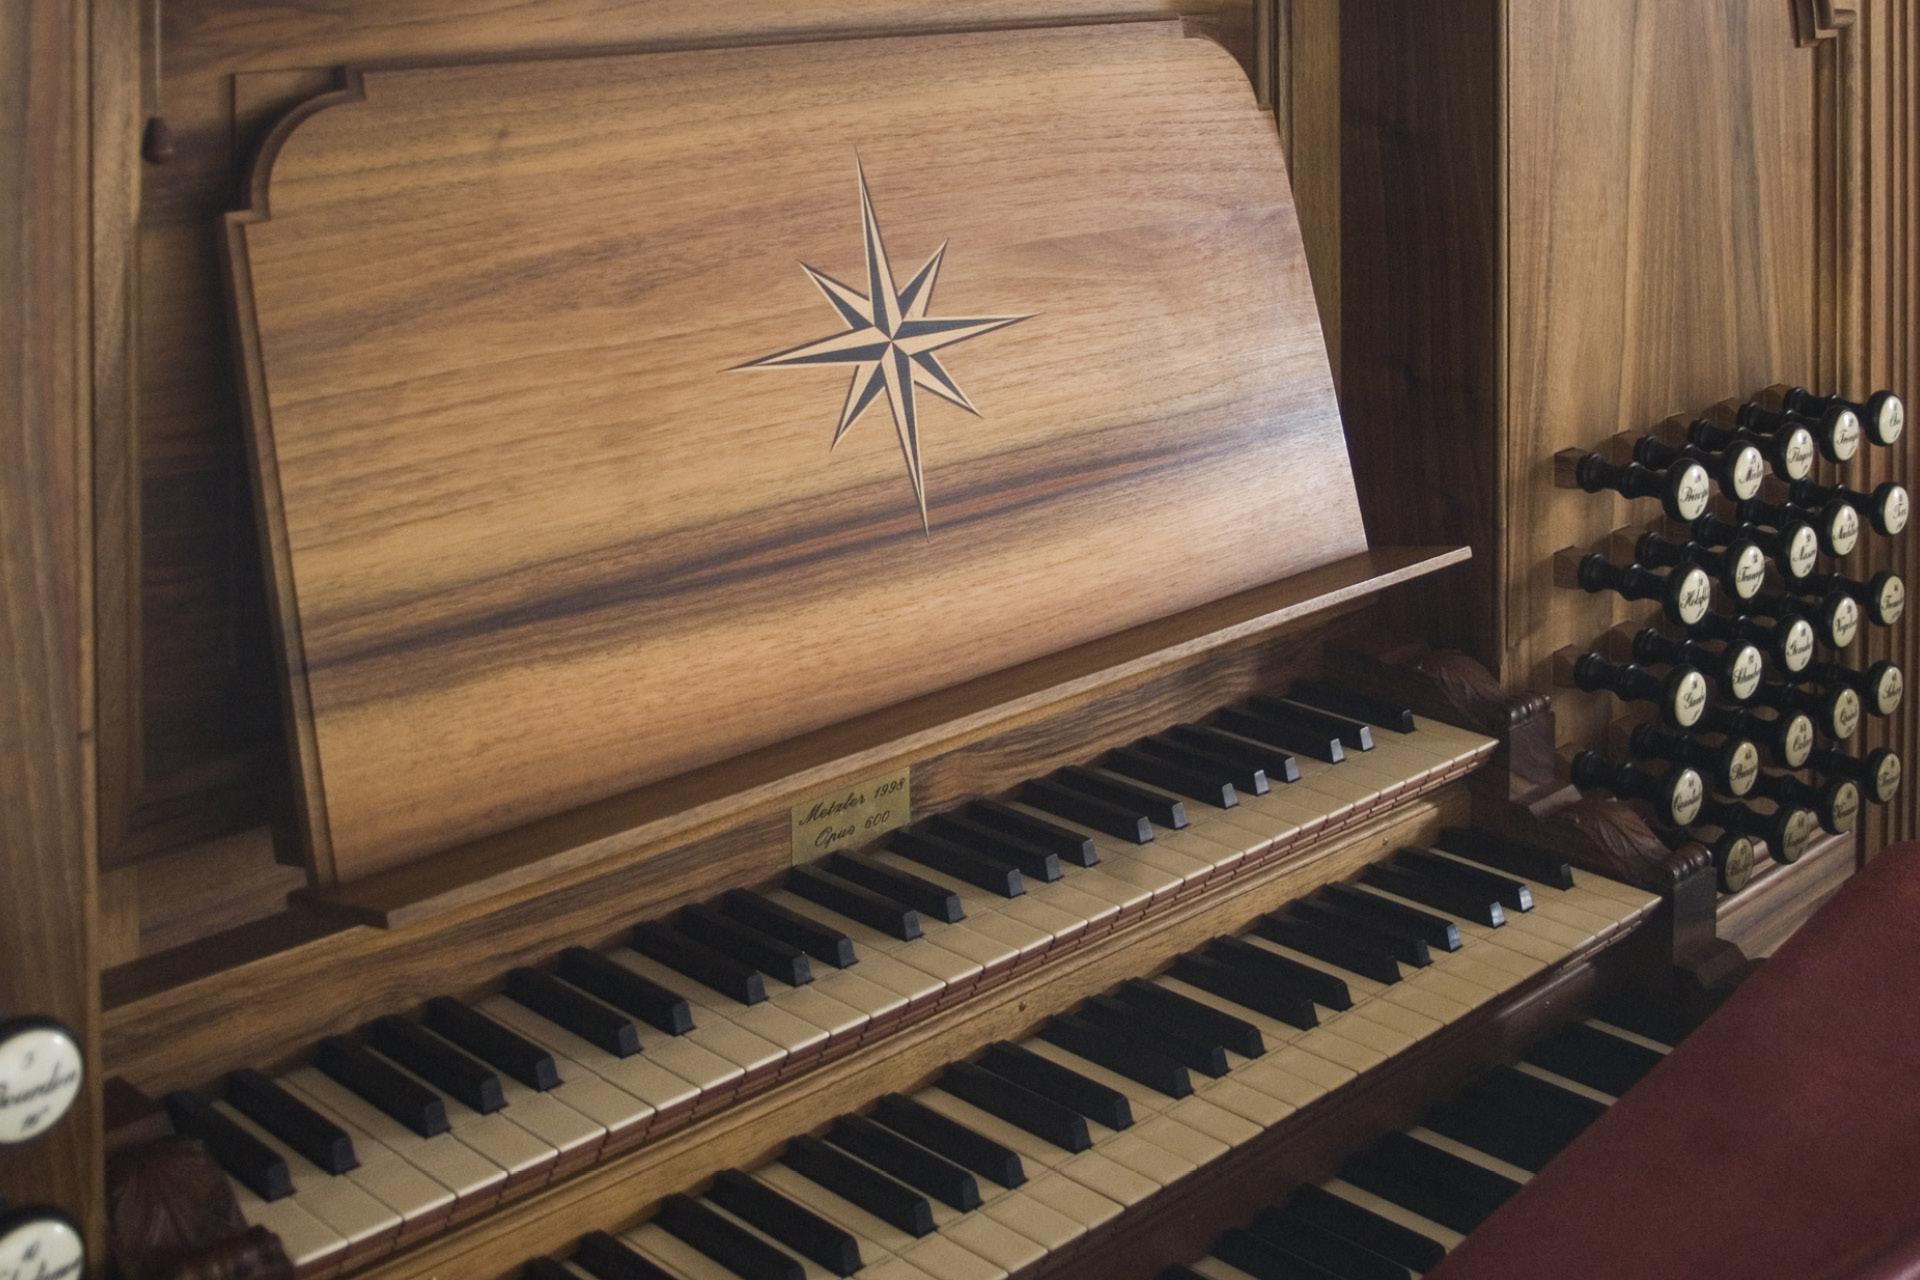 tischlerei-decker-meisterbetrieb-oesterreich-orgel-hopfgarten